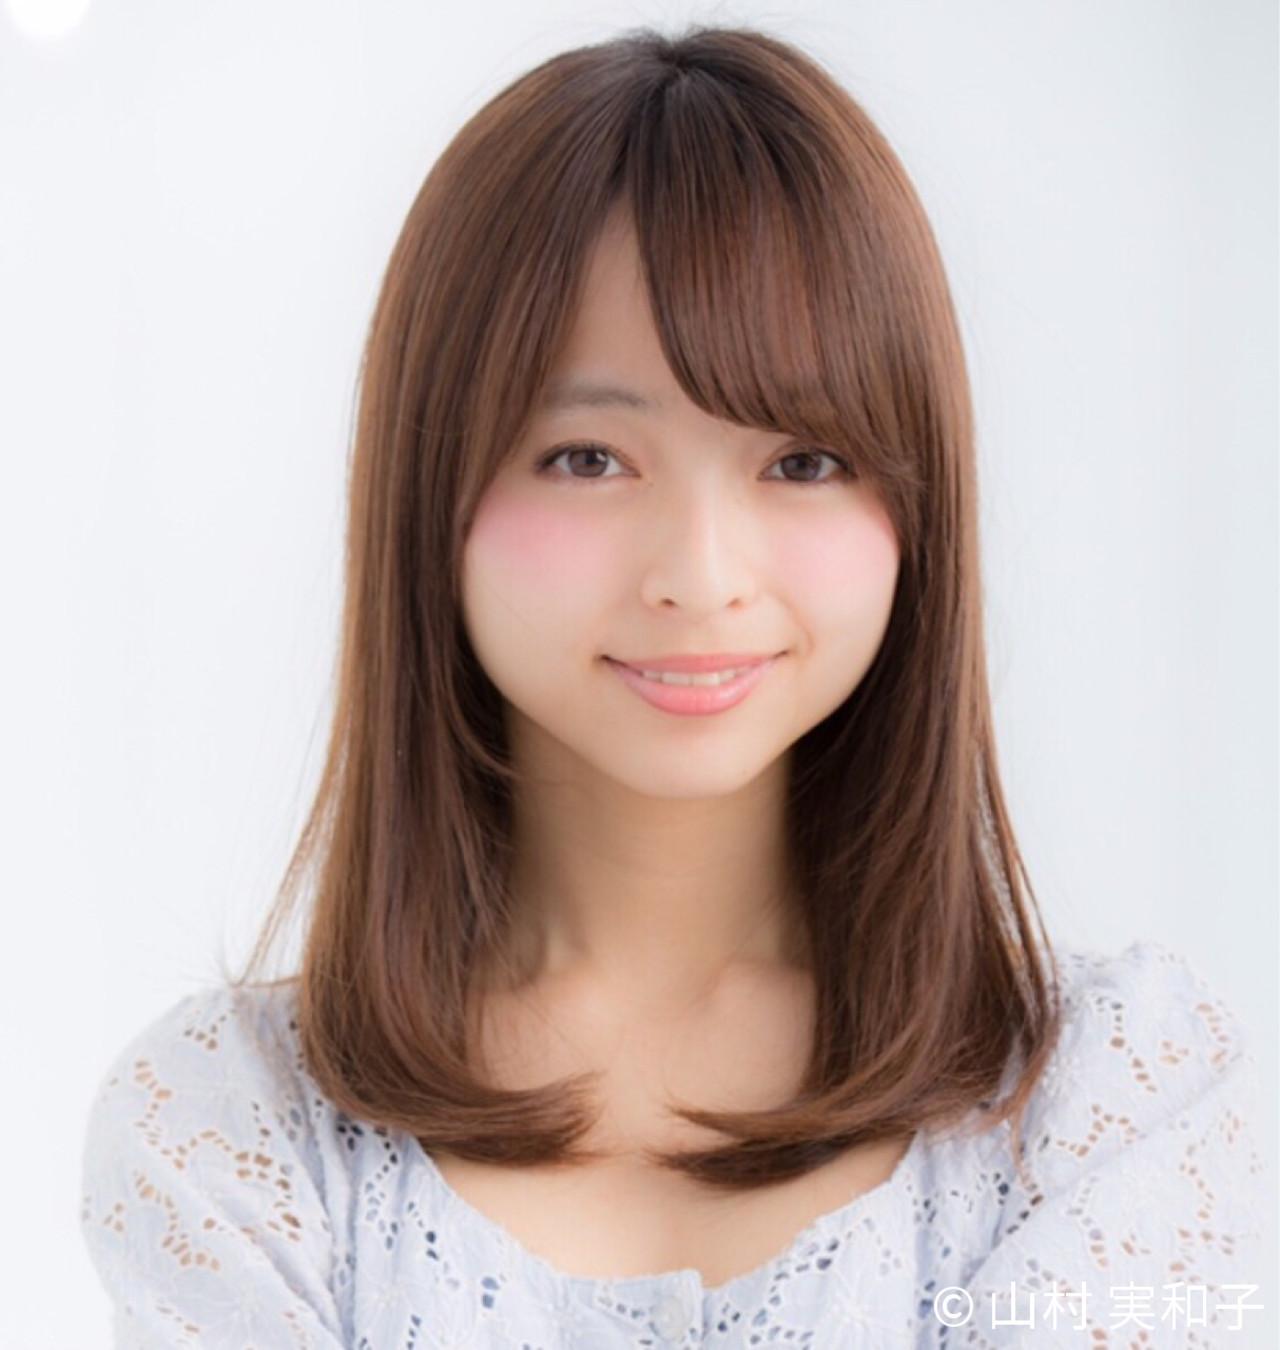 髪型で魅せる大人レディの艶やかさ。アラサー女子に贈るセミロング講座 山村 実和子